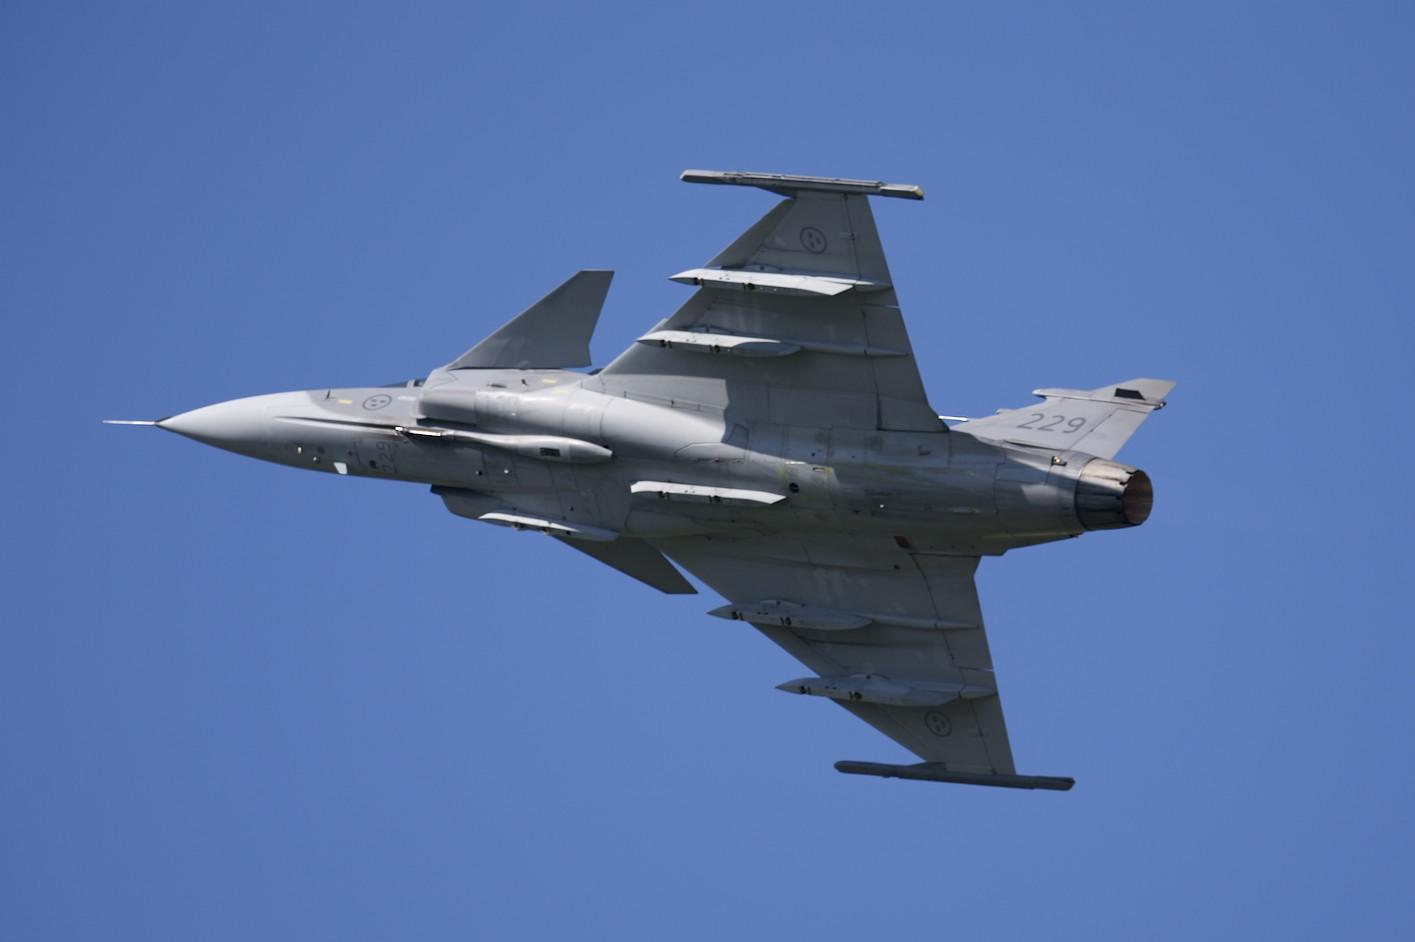 Air 14 JAS 39 Gripen